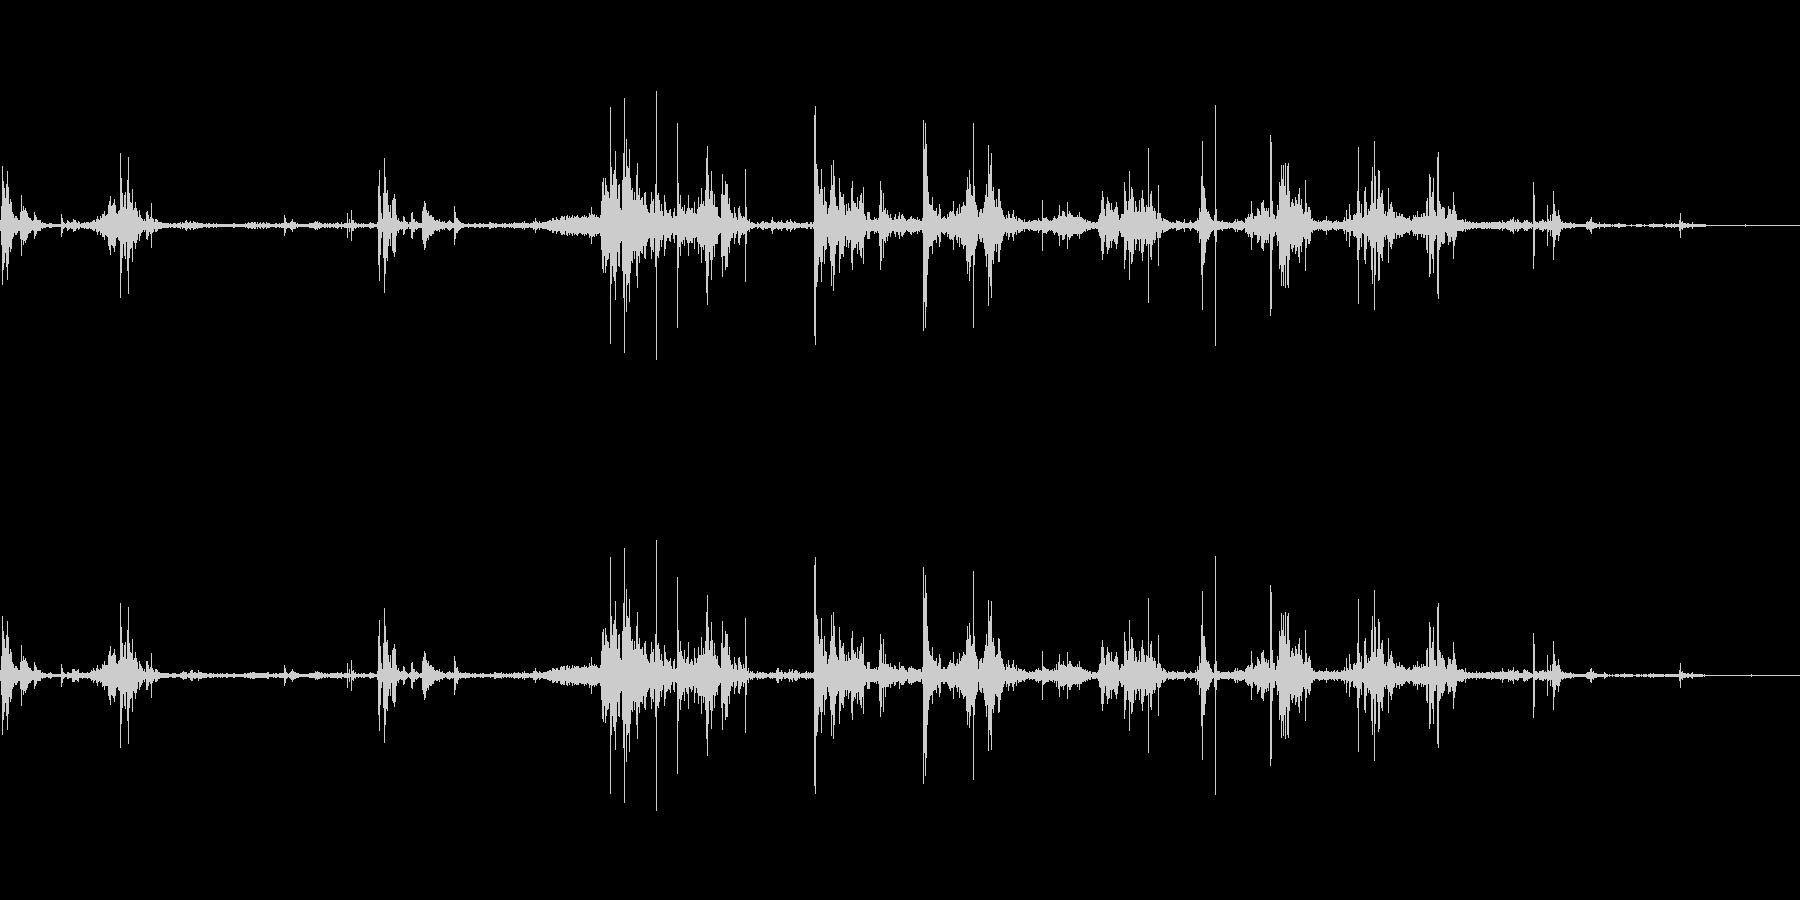 【カシャカシャ】ベアリングの音 の未再生の波形